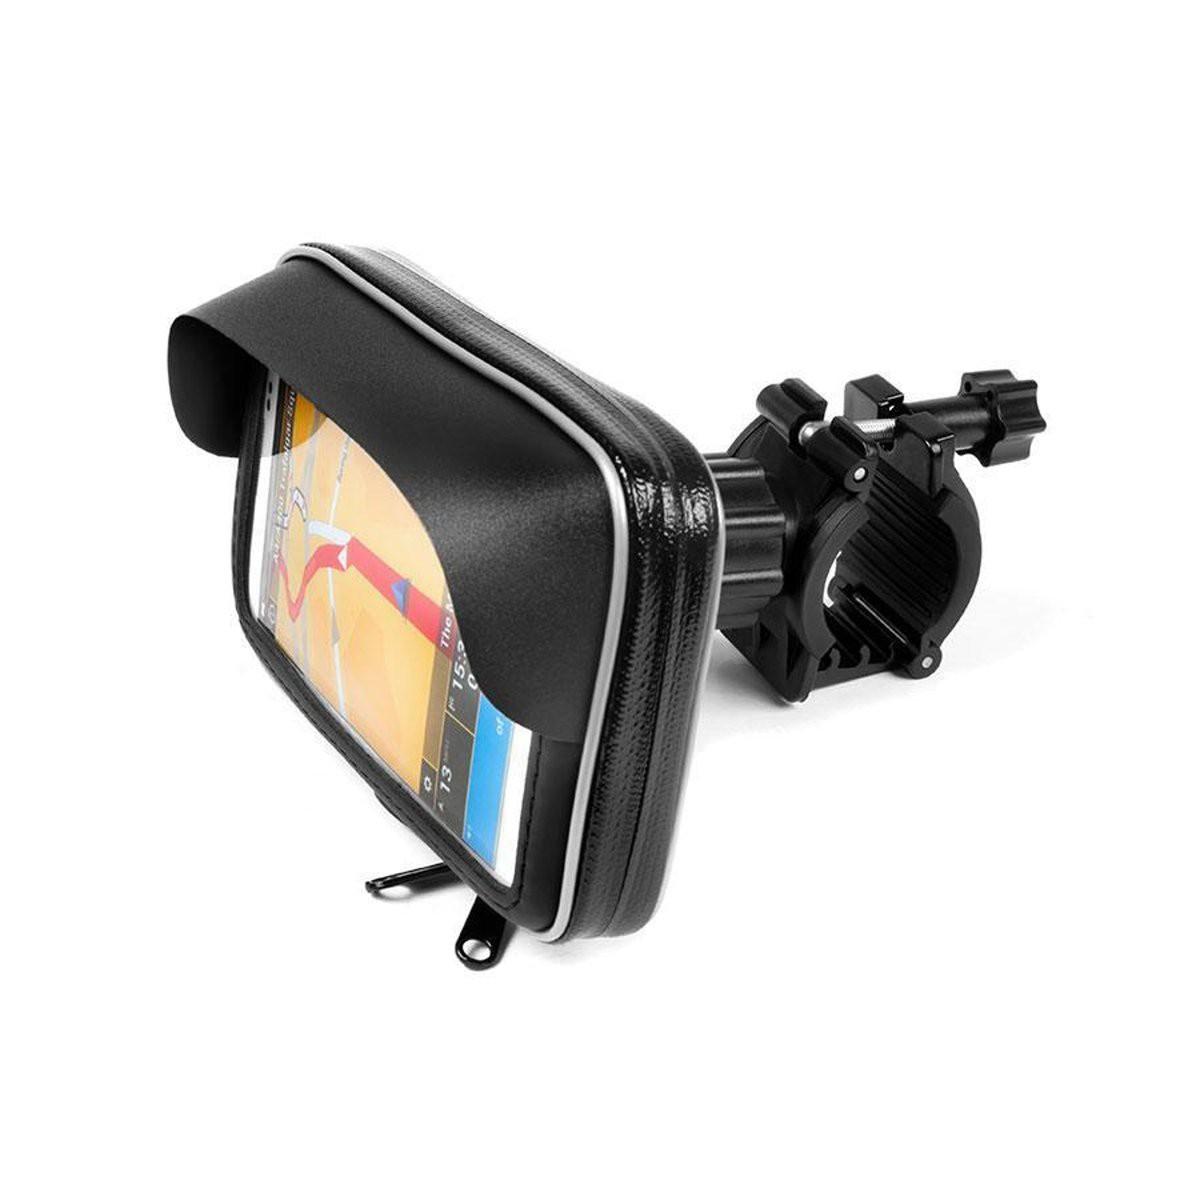 """Βάση Στήριξης Ποδηλάτου με Αδιάβροχη Θήκη moto eXtreme Shield για Smartphone έως 6.5"""" Περιστρεφόμενη και με Έξοδο για Καλώδιο"""